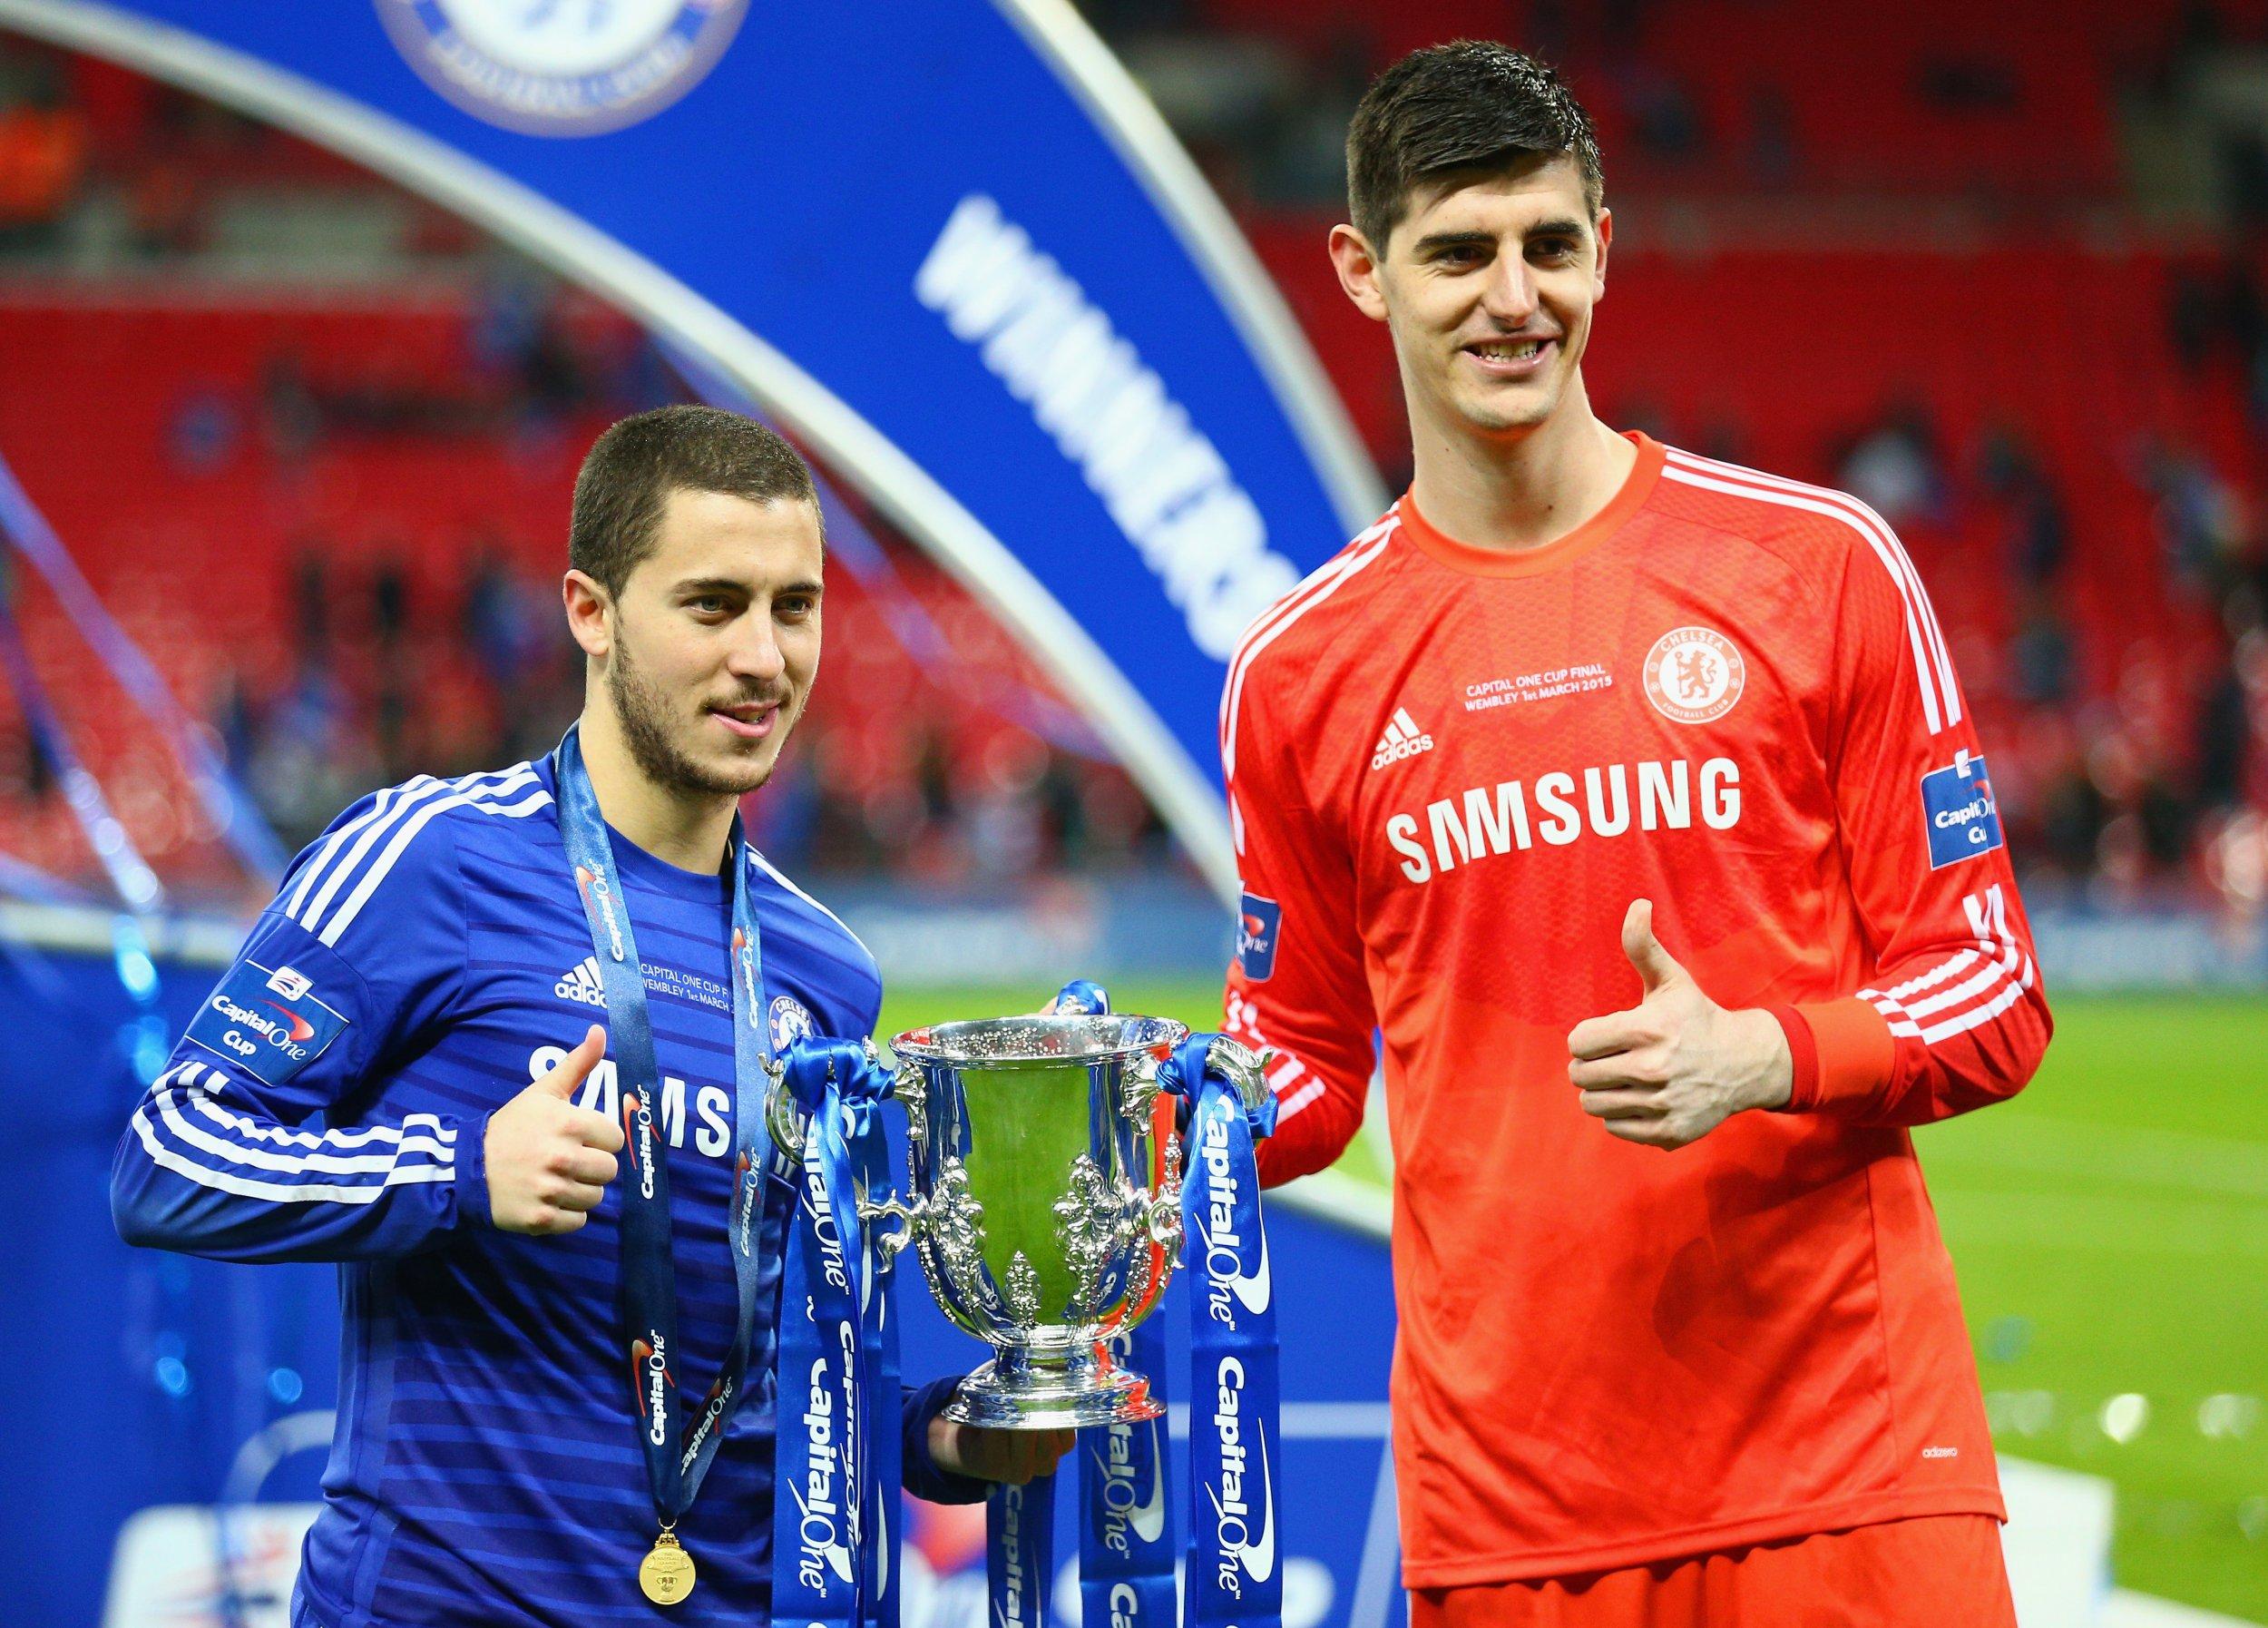 Chelsea stars Eden Hazard, left, and Thibaut Courtois.